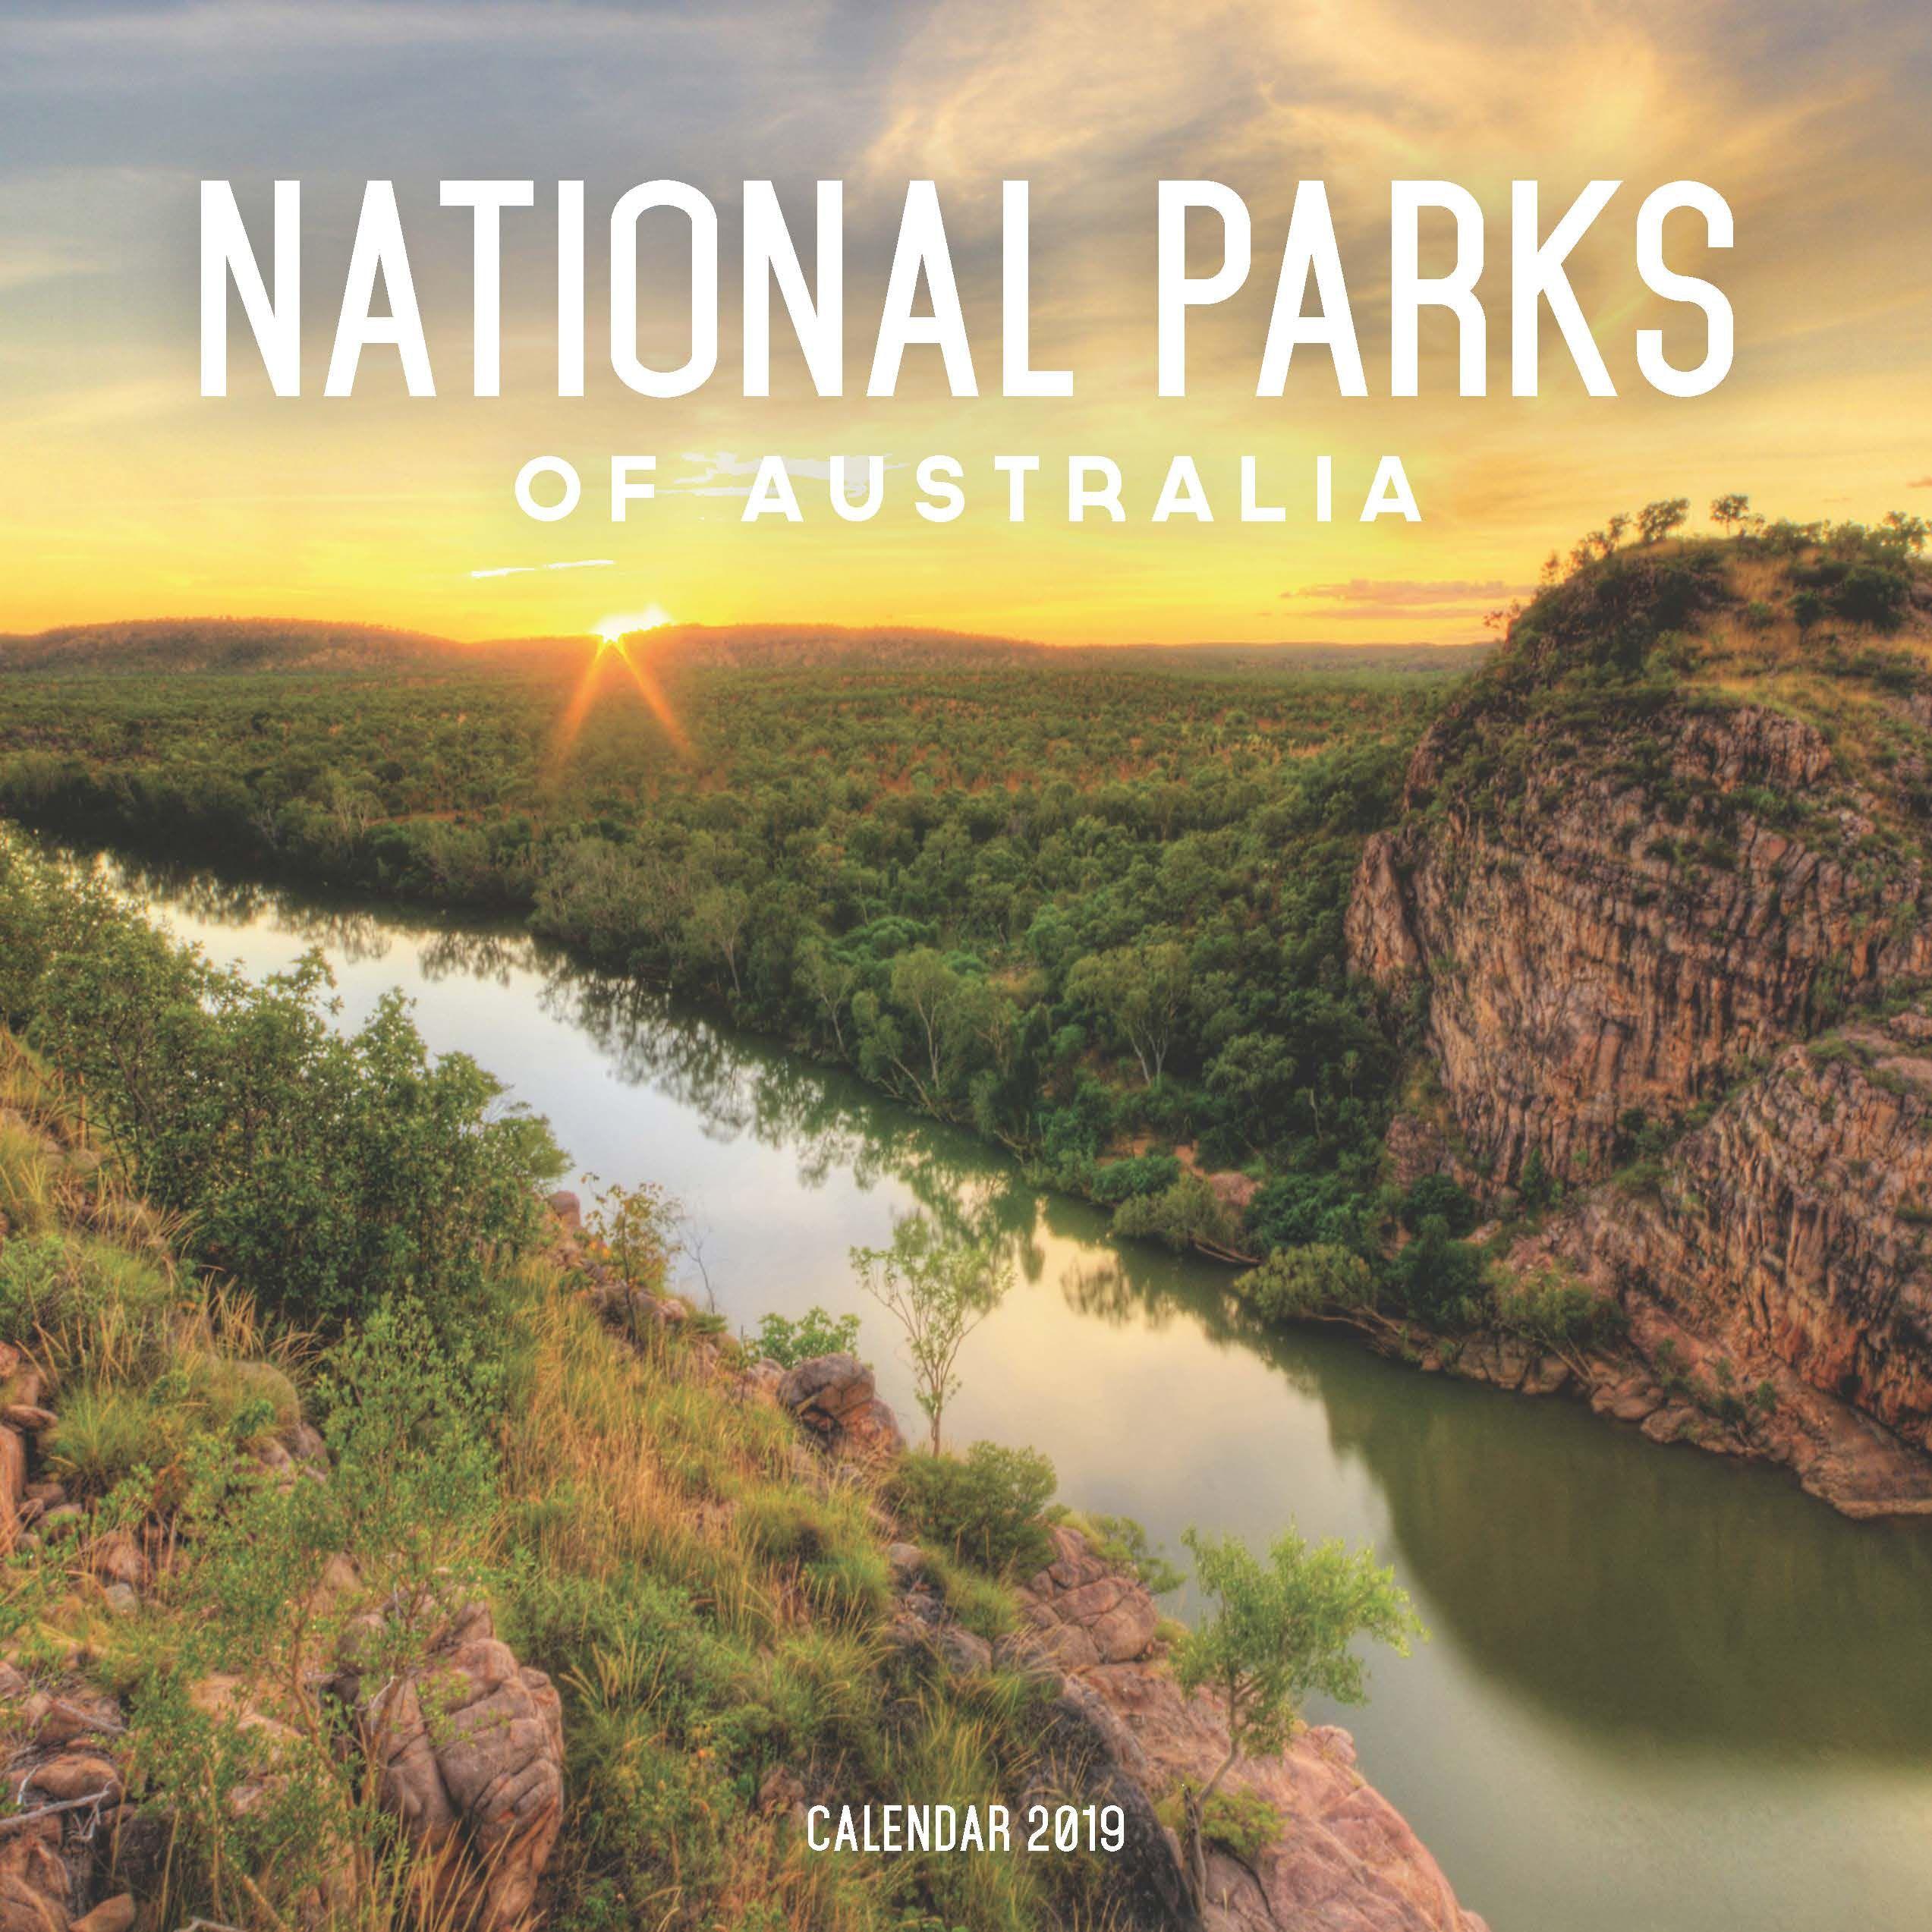 national-parks-australia-calendar